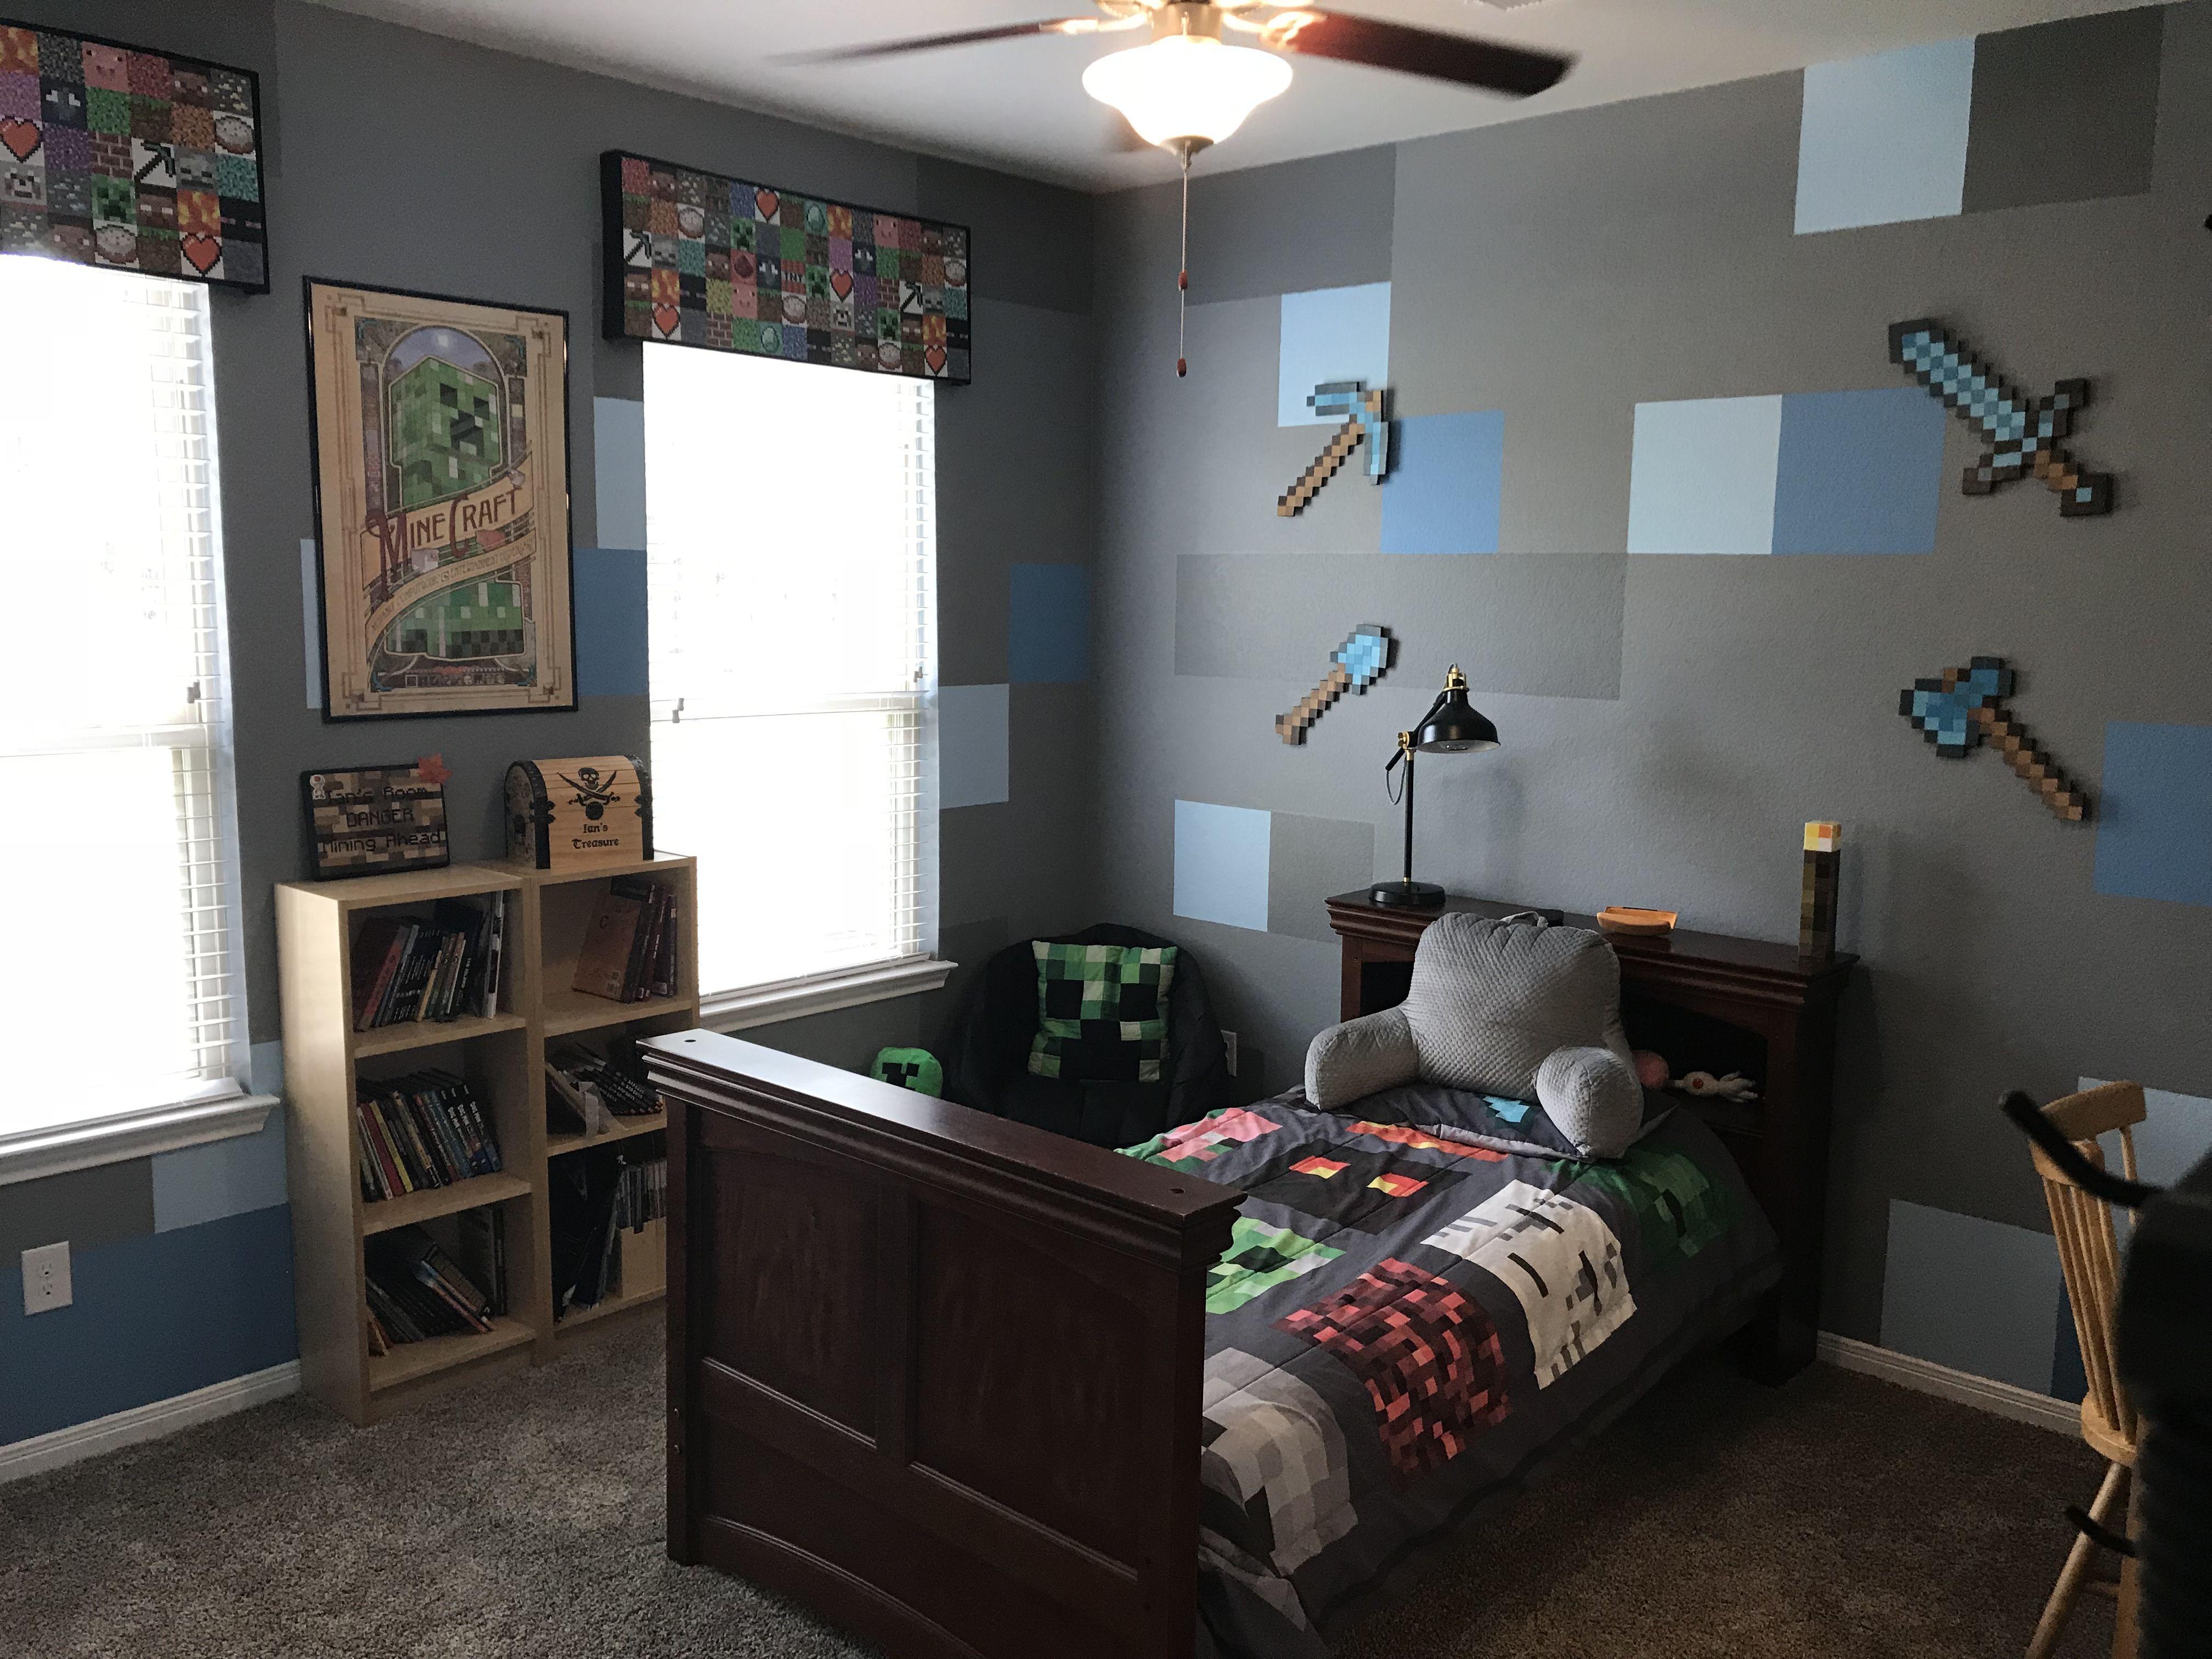 Camera Da Letto Minecraft pin di chiara guglielmo su camere da letto (con immagini